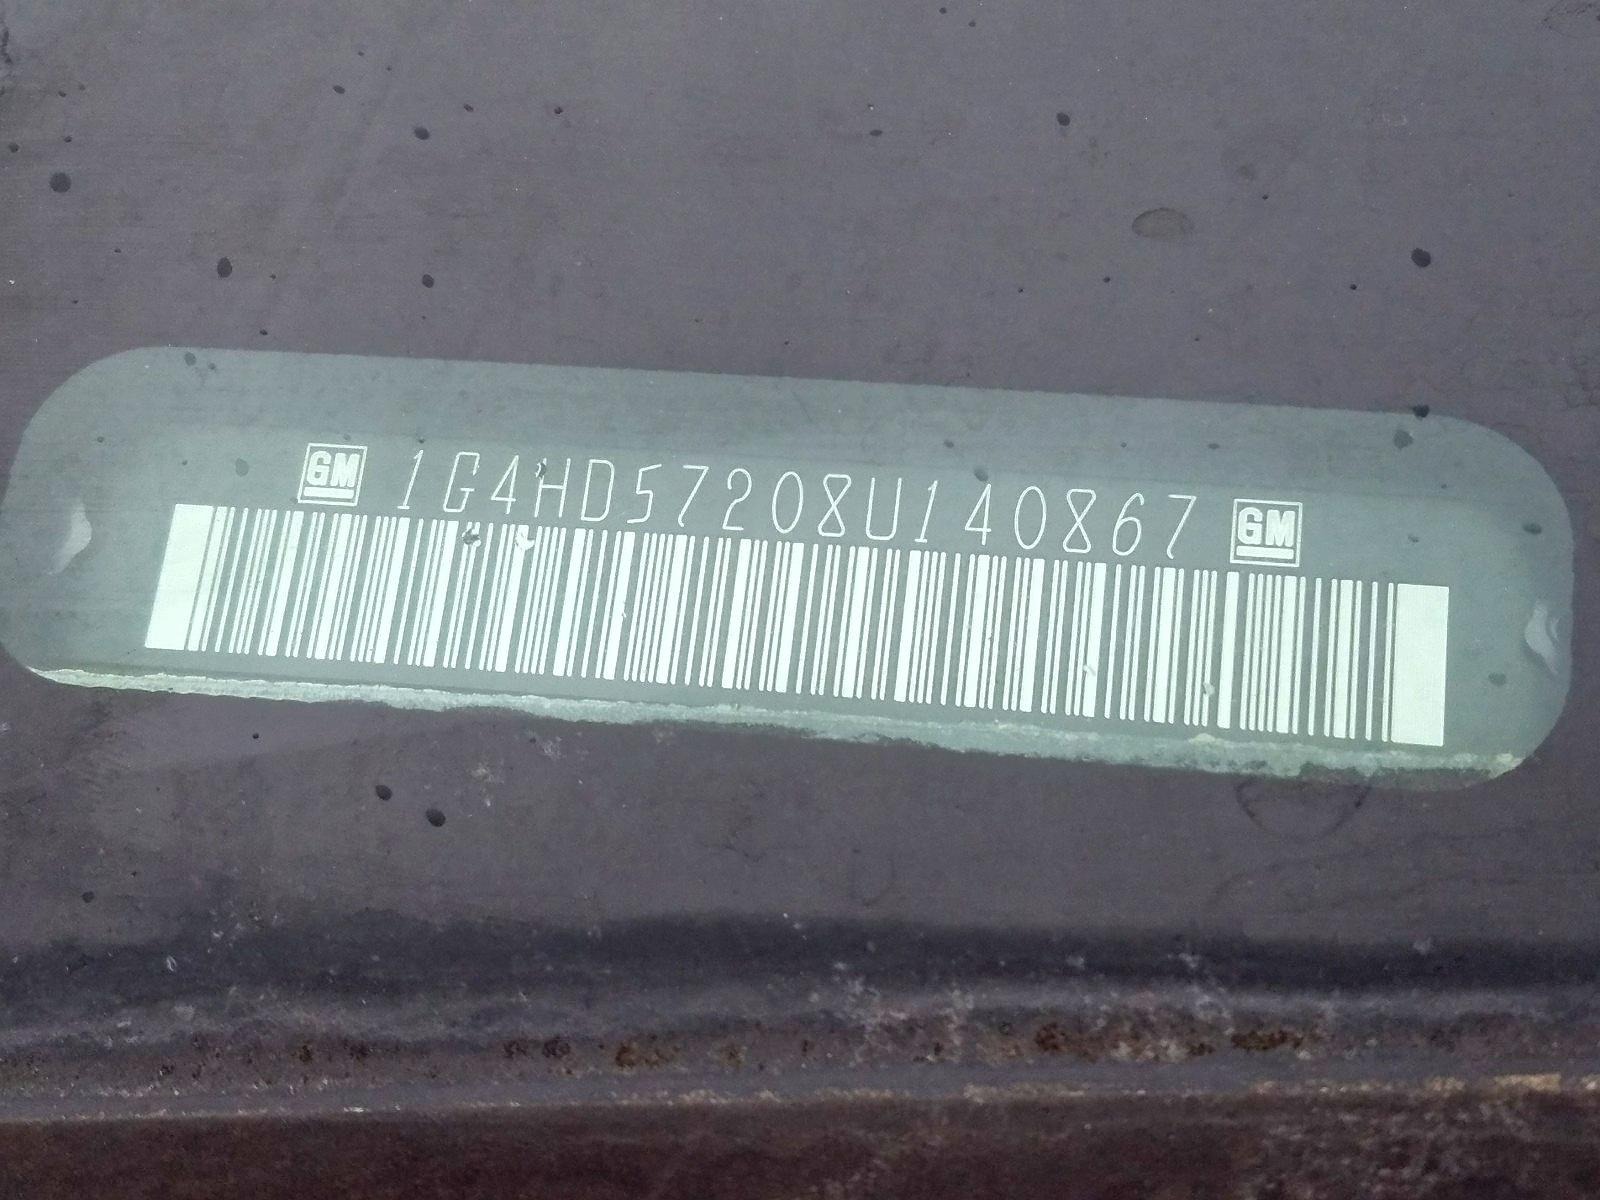 1G4HD57208U140867 - 2008 Buick Lucerne Cx 3.8L